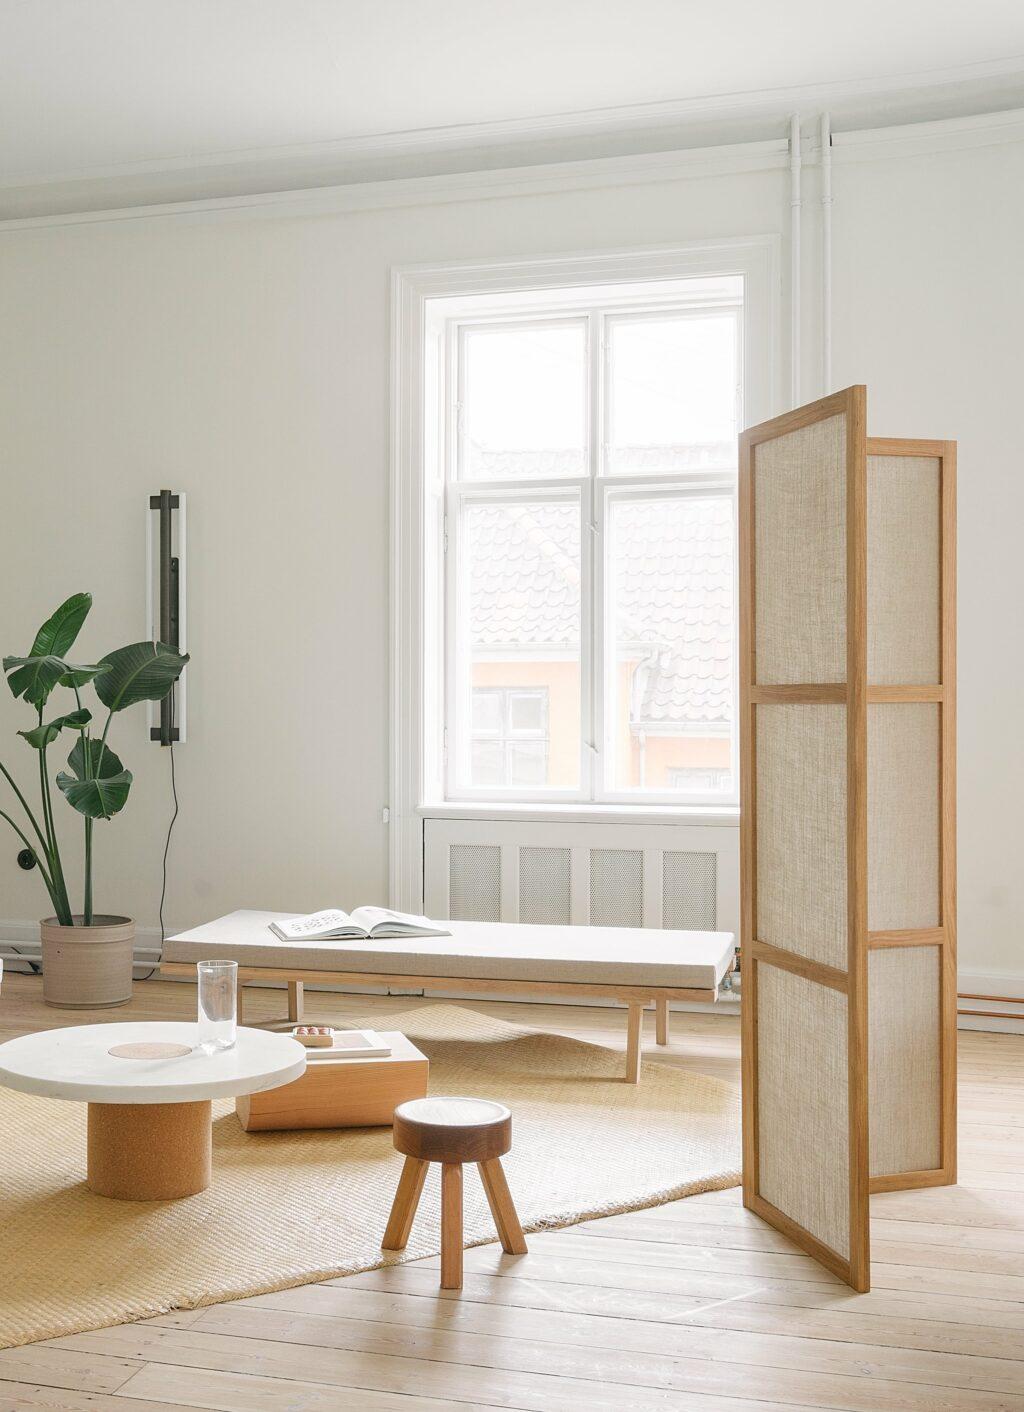 Frama - Room Divider - Three Panels